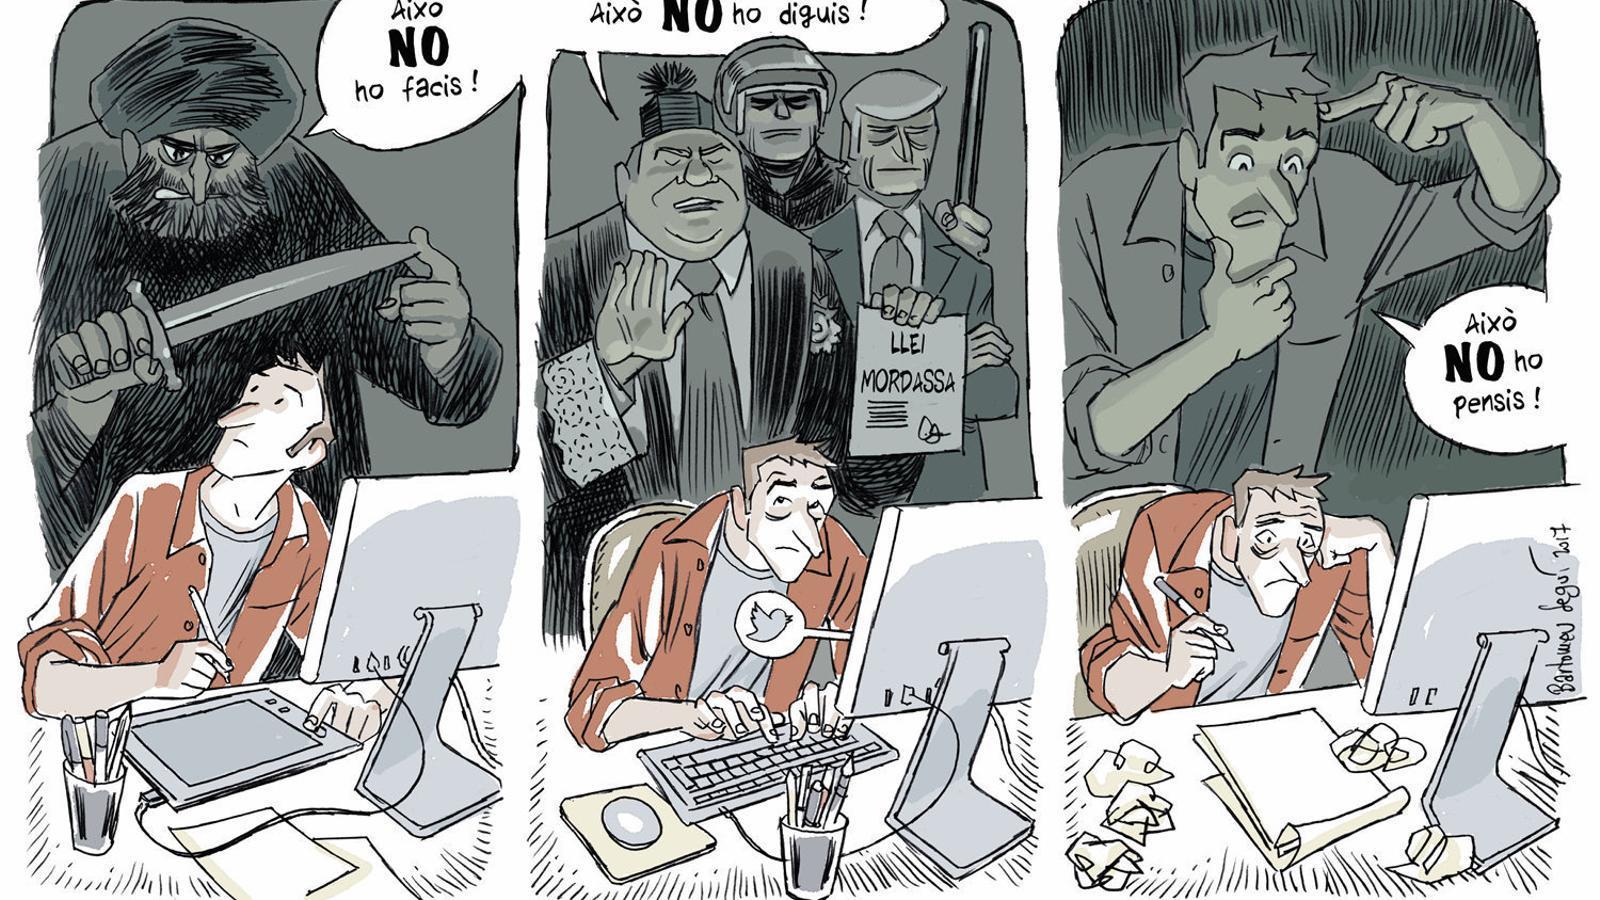 Protecció contra el discurs de l'odi o atac a la llibertat d'expressió?